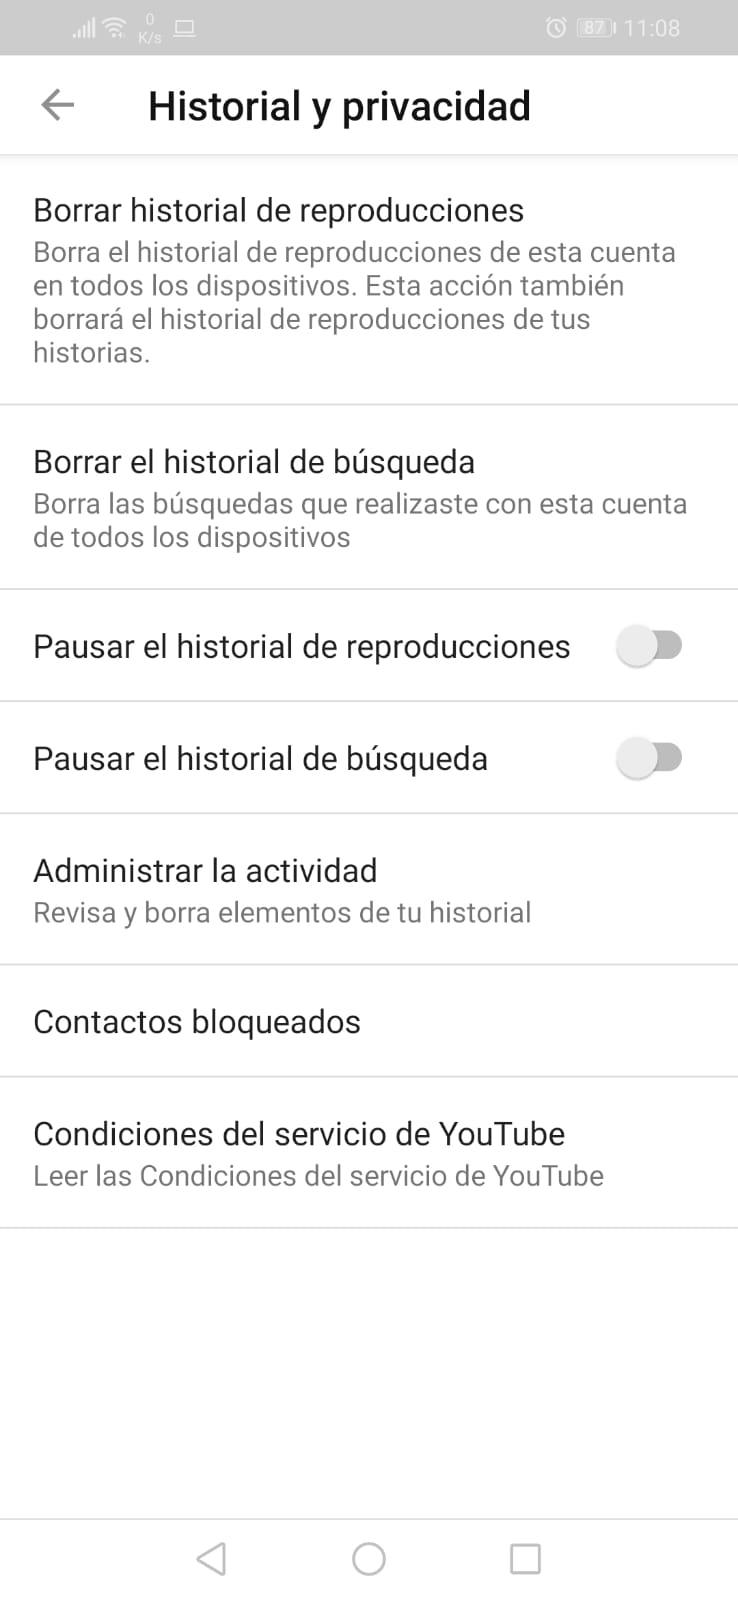 Administrar la actividad en app de YouTube